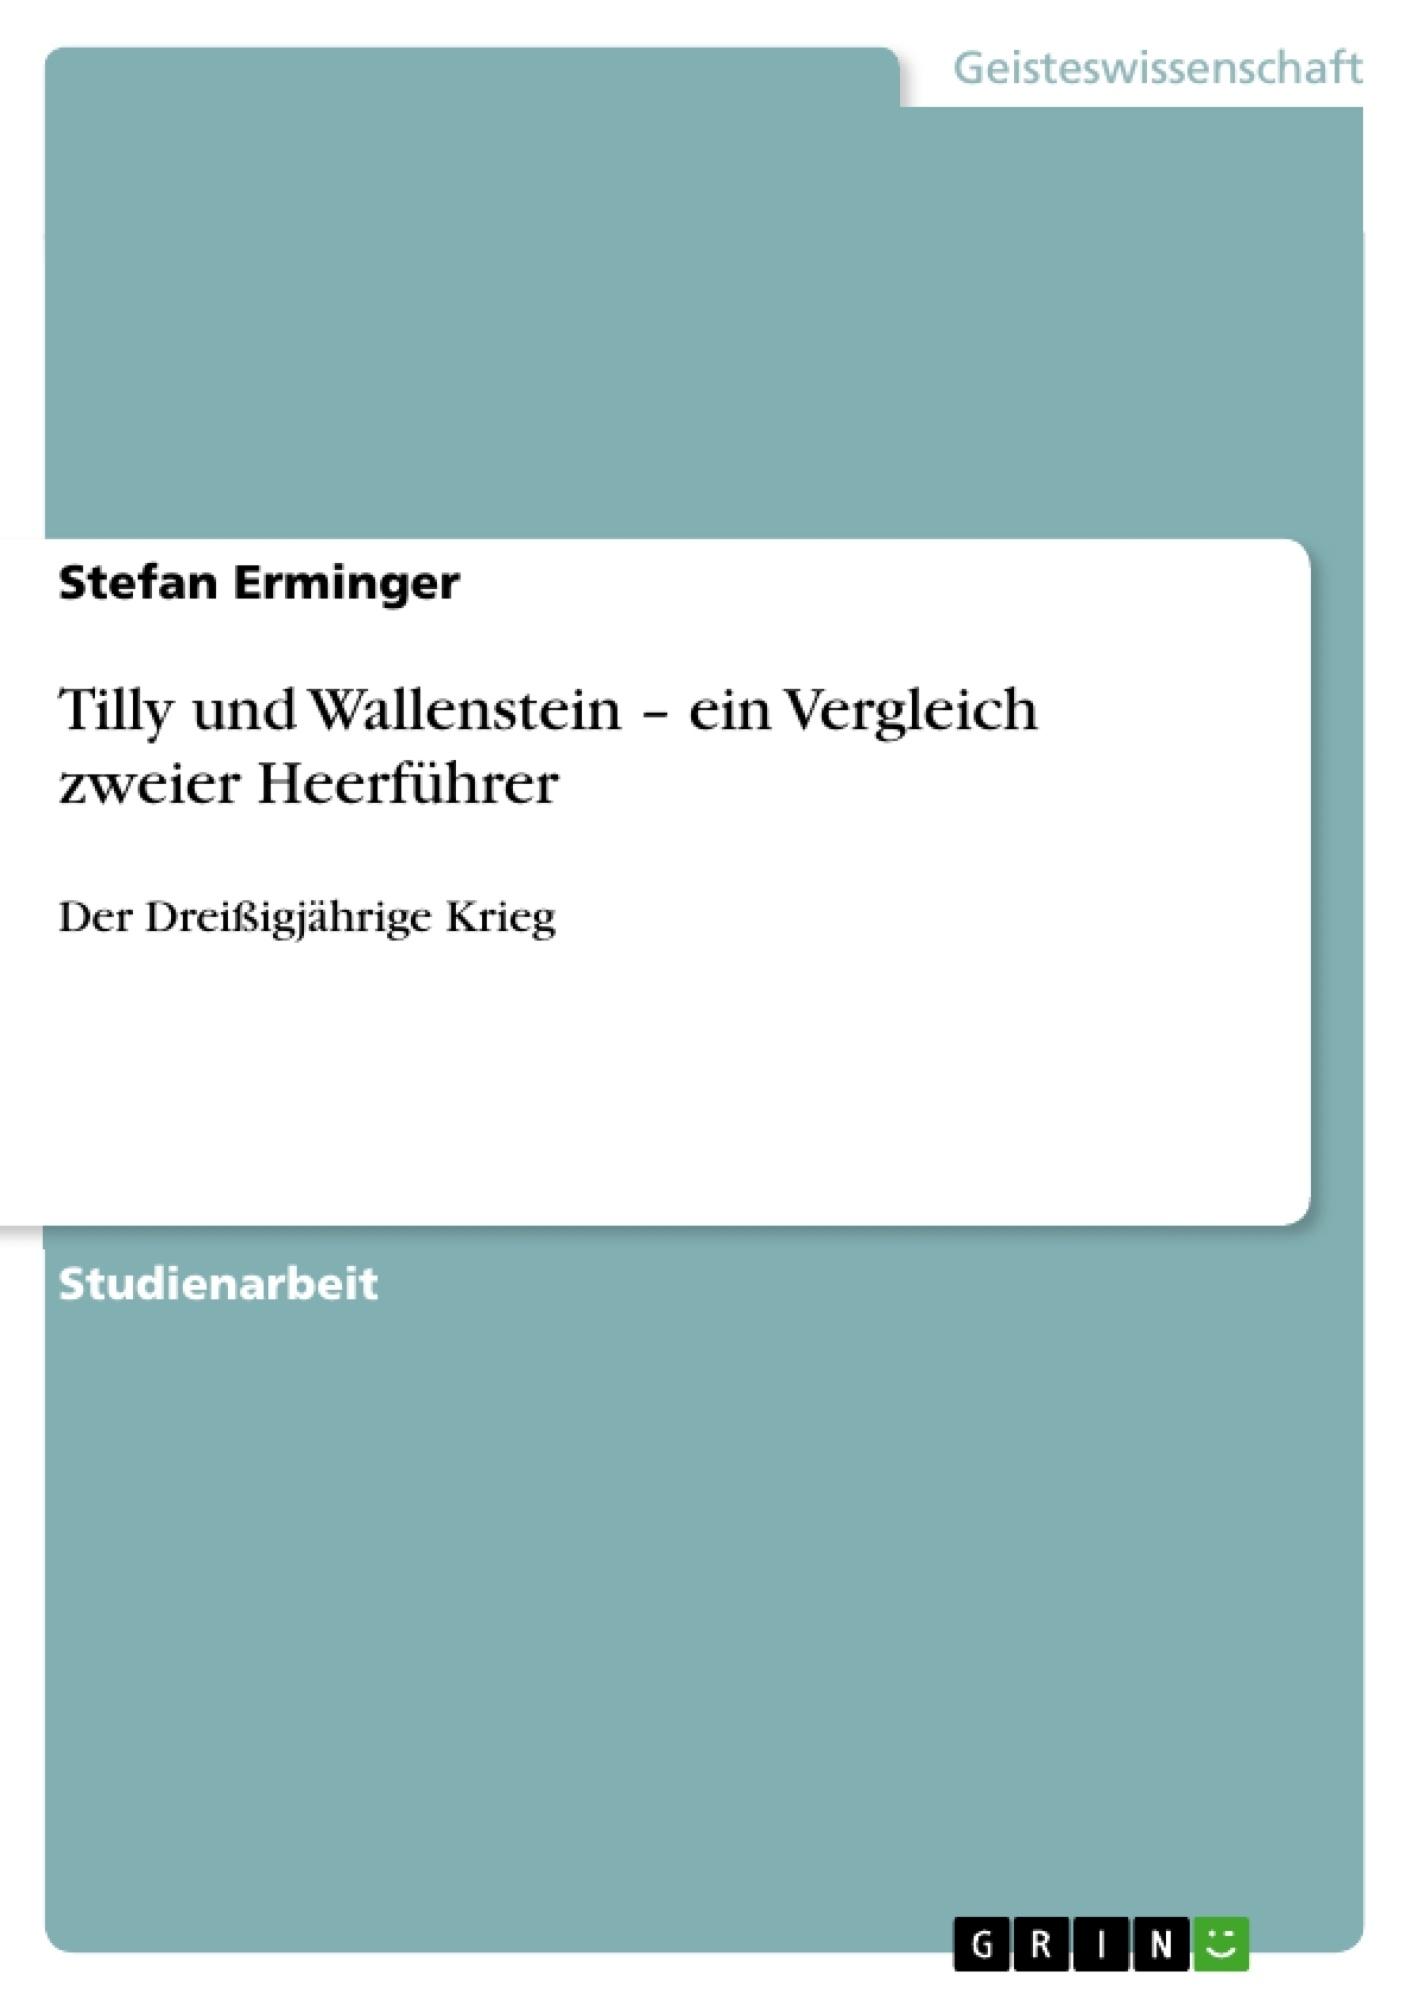 Titel: Tilly und Wallenstein – ein Vergleich zweier Heerführer